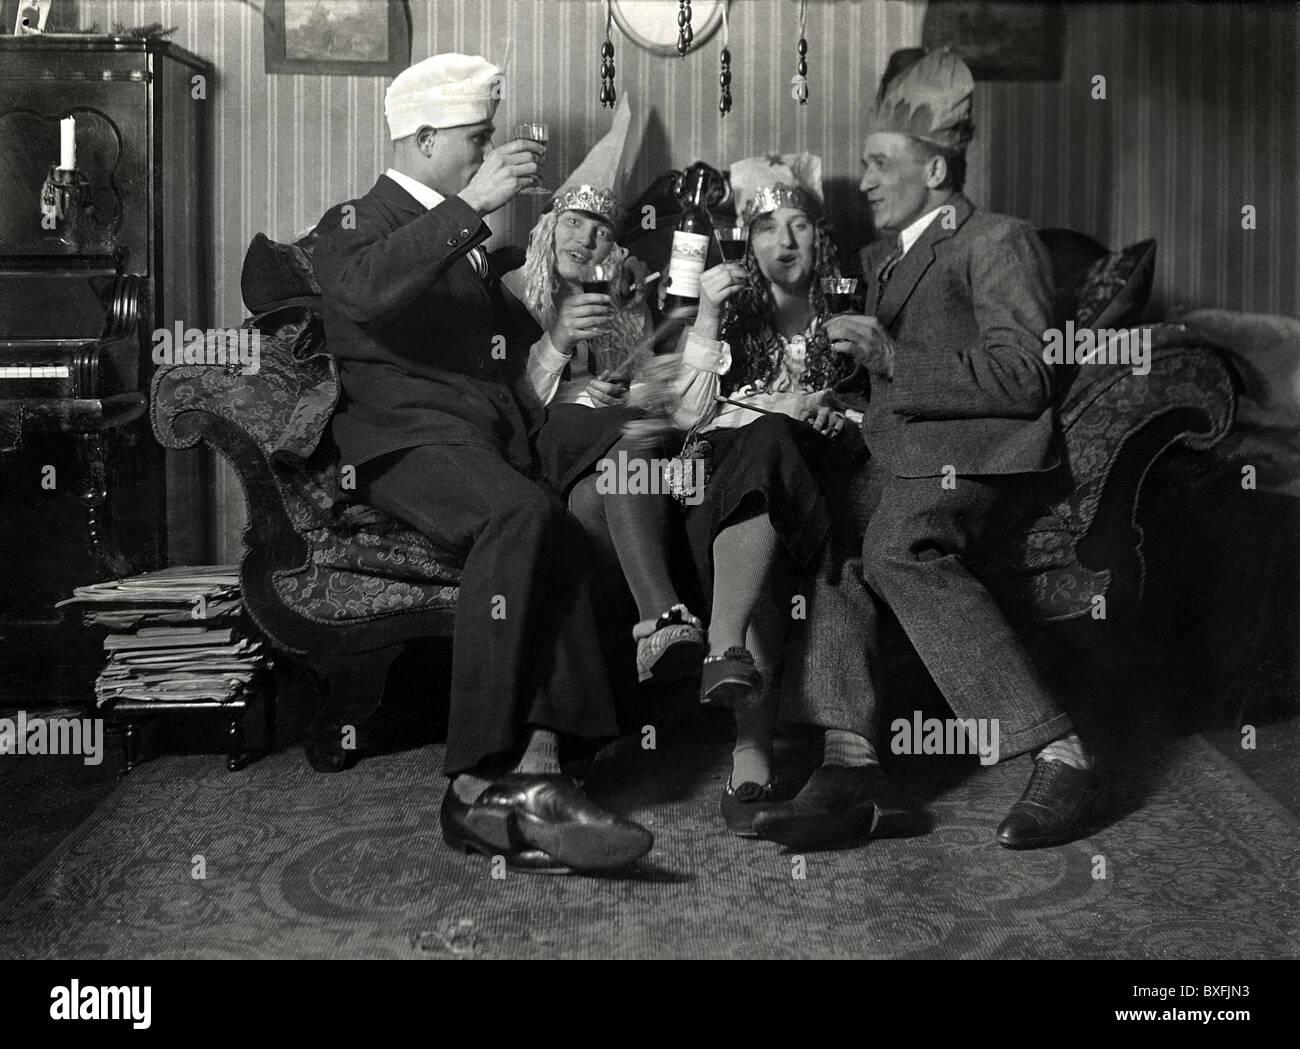 Karneval, Party mit Freunden, Berlin, Deutschland, ca. 1926, 1920er ...